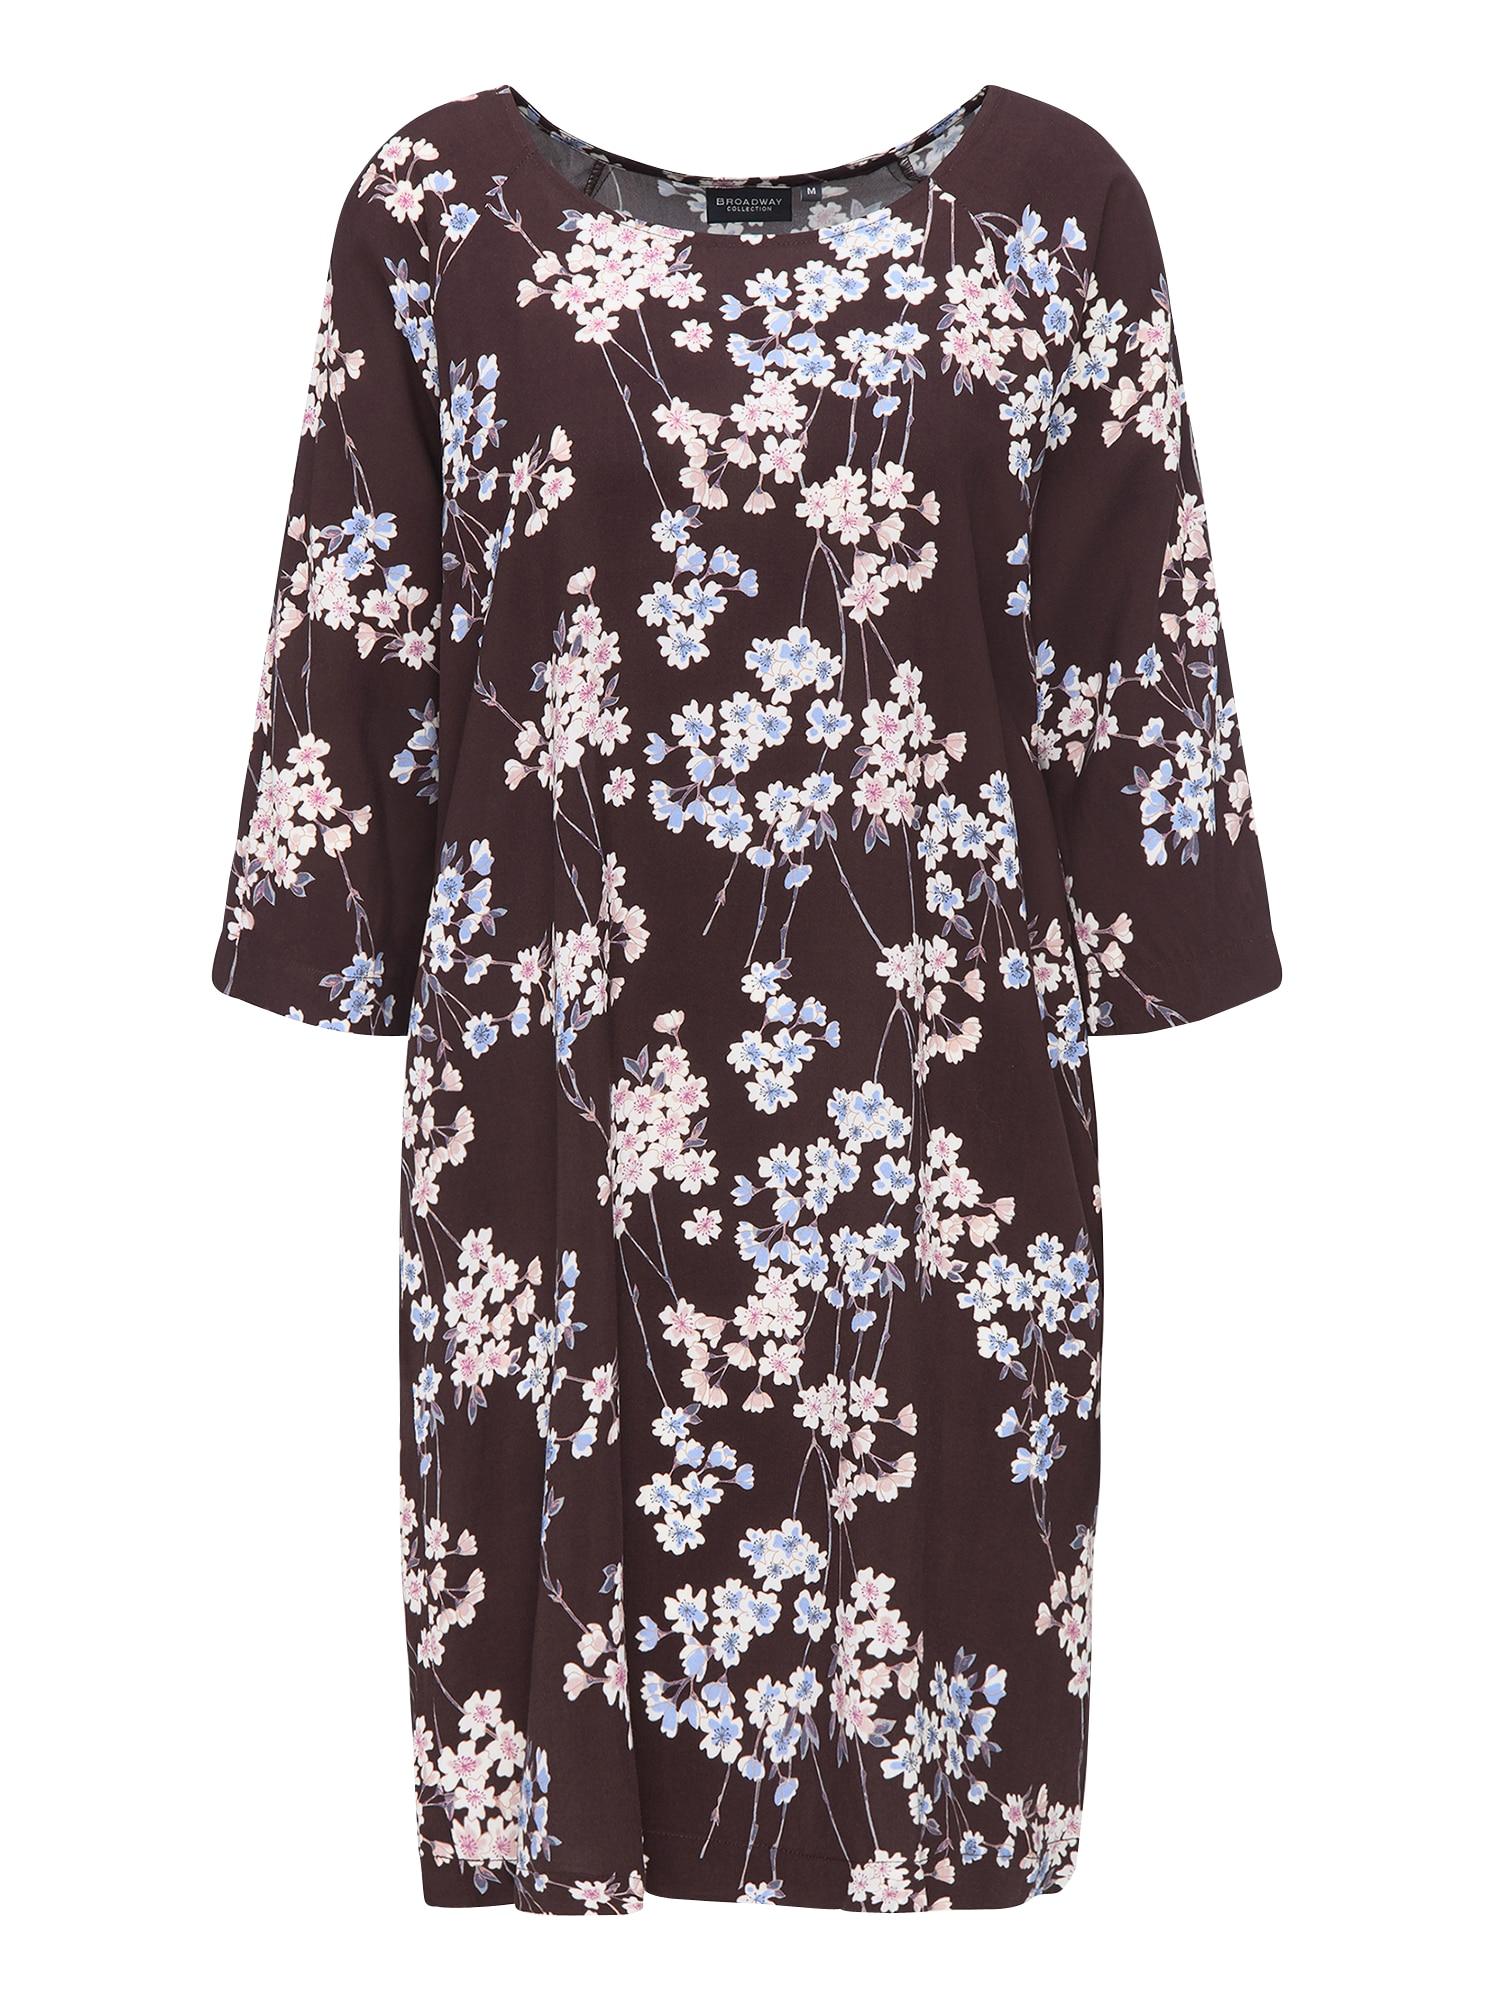 Šaty OONA hnědá mix barev BROADWAY NYC FASHION